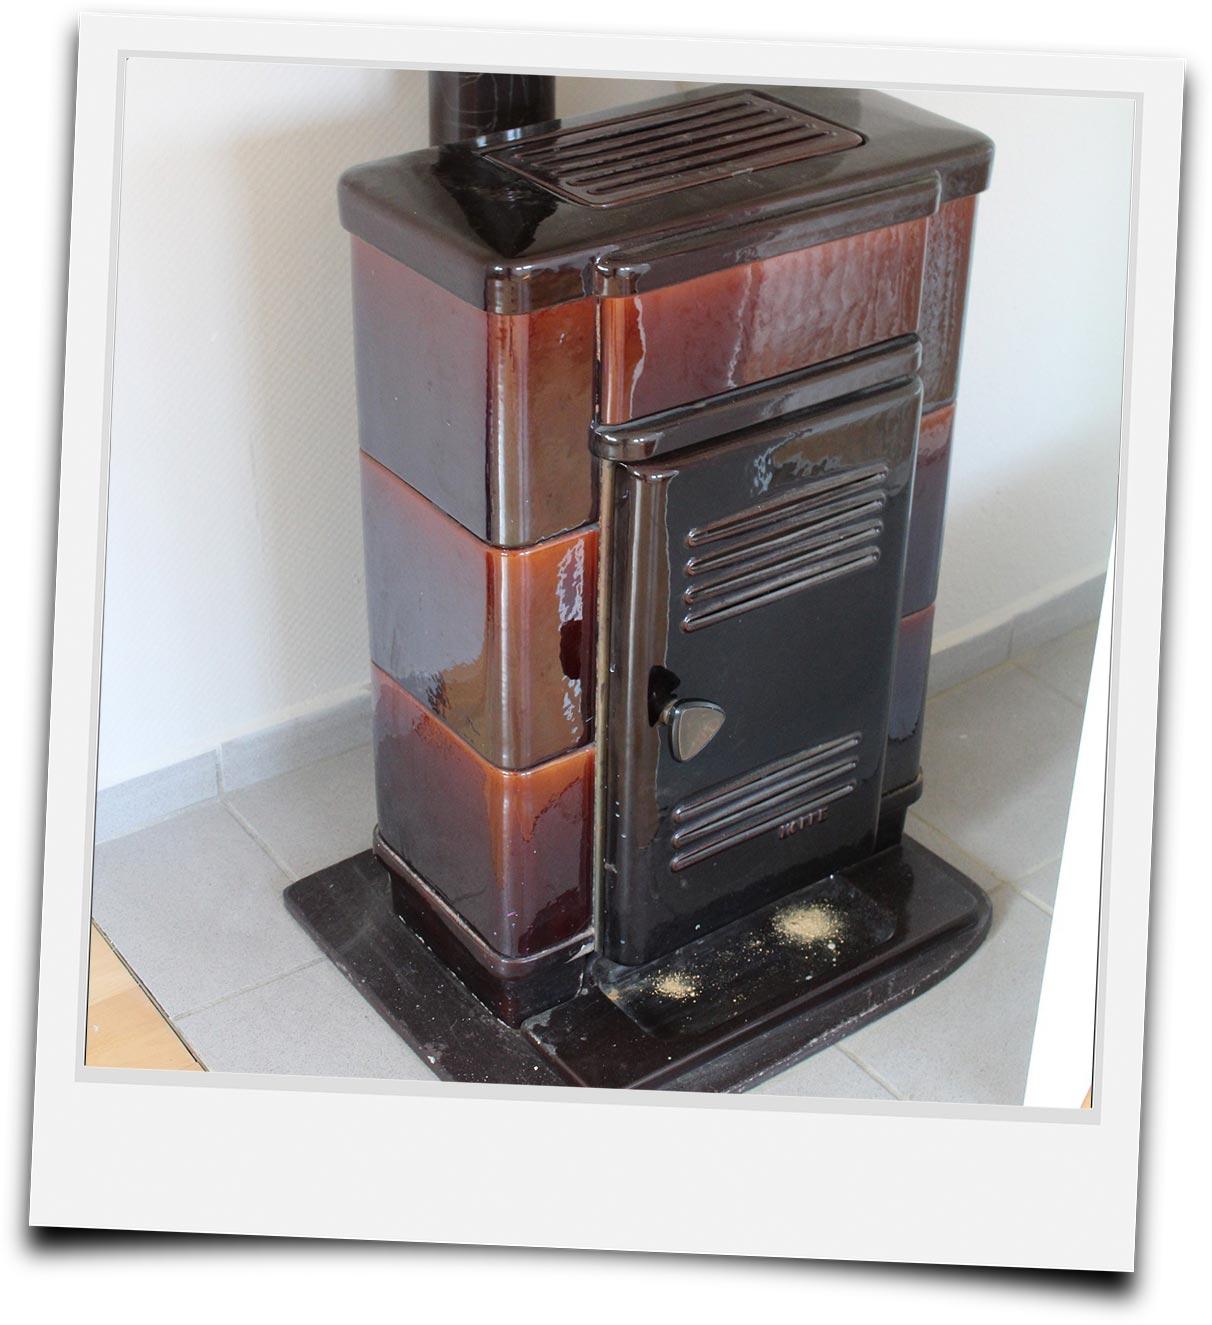 Polaroidbild eines älteren Ofenmodells